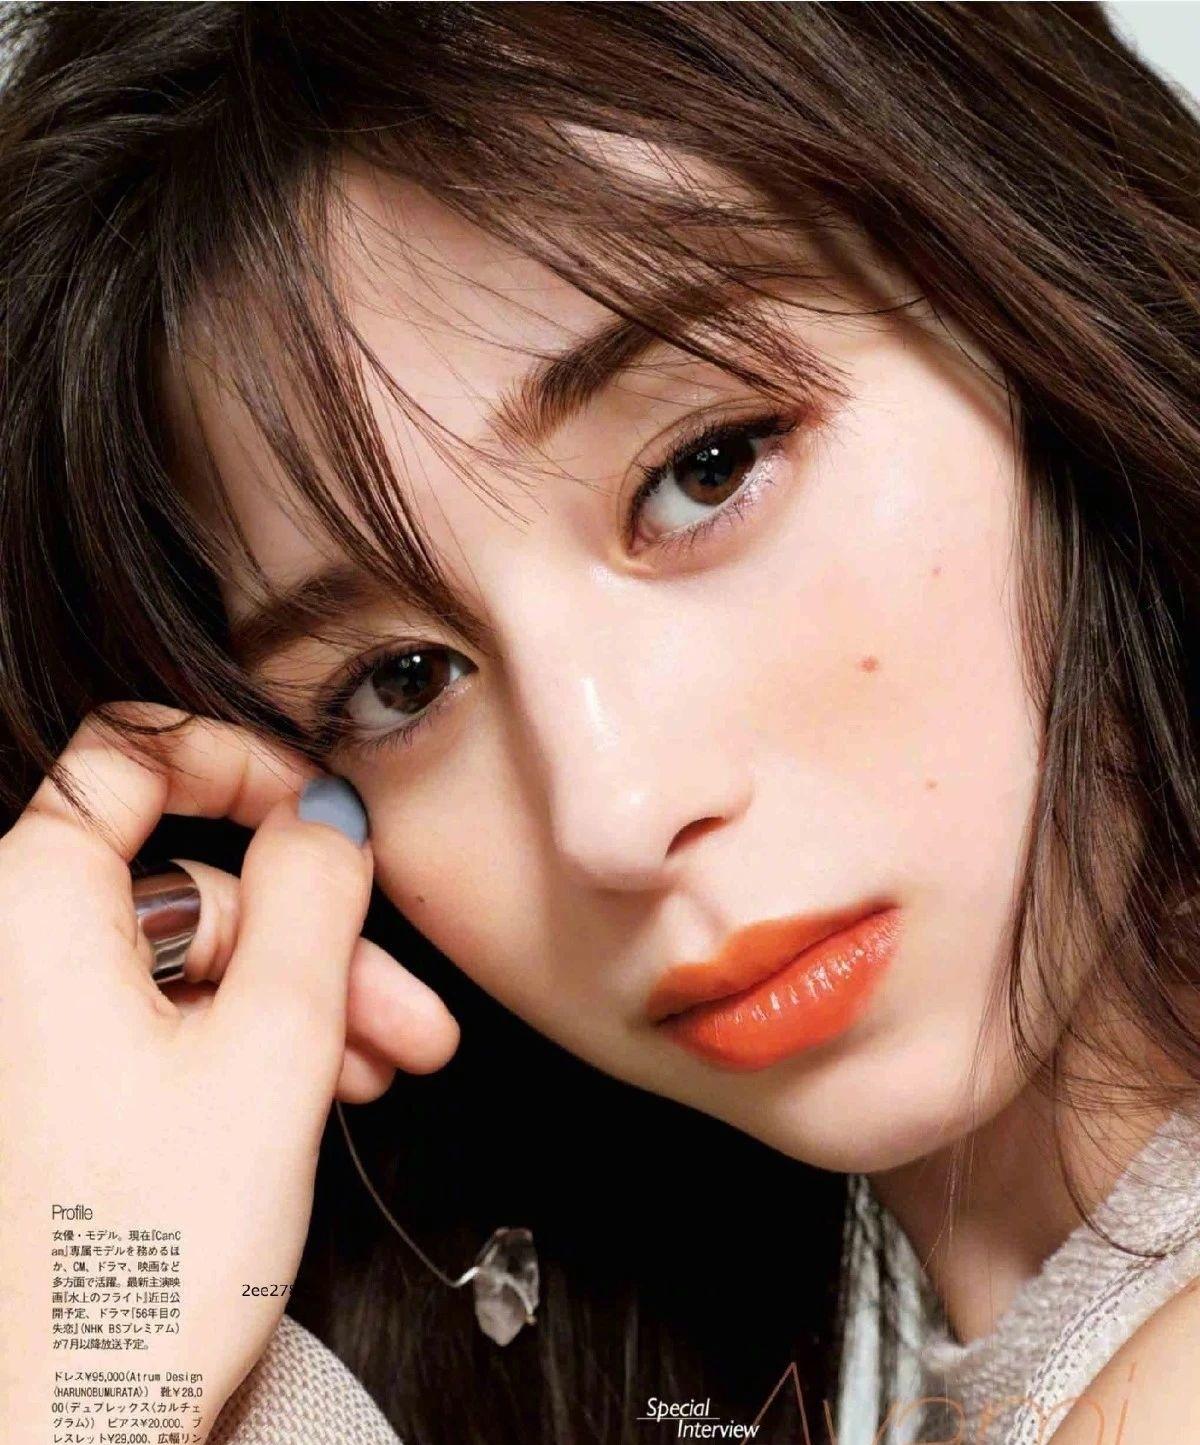 女性最想要的混血颜并且有彩妆种草机之称的中条彩未写真作品 (42)